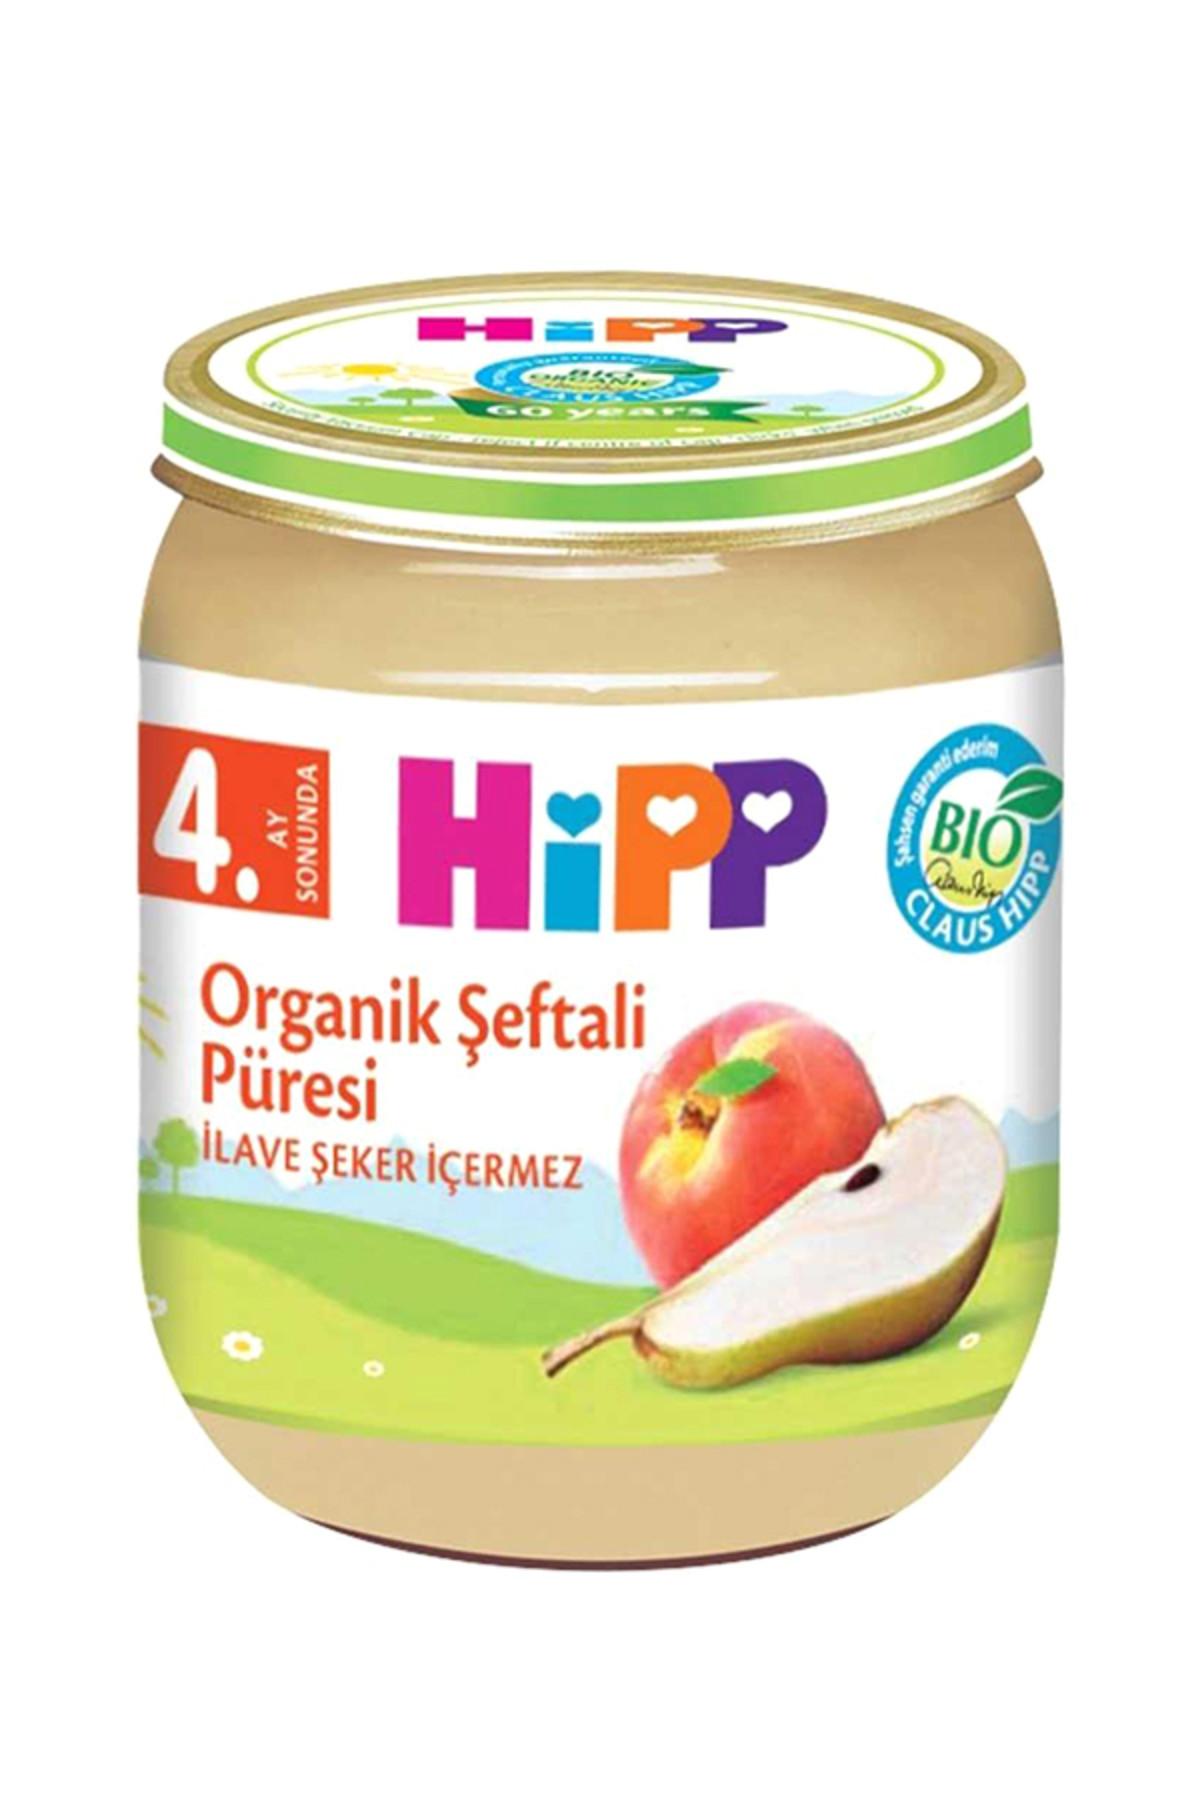 Hipp Organik Şefta'Li Püresi 125 gr 1